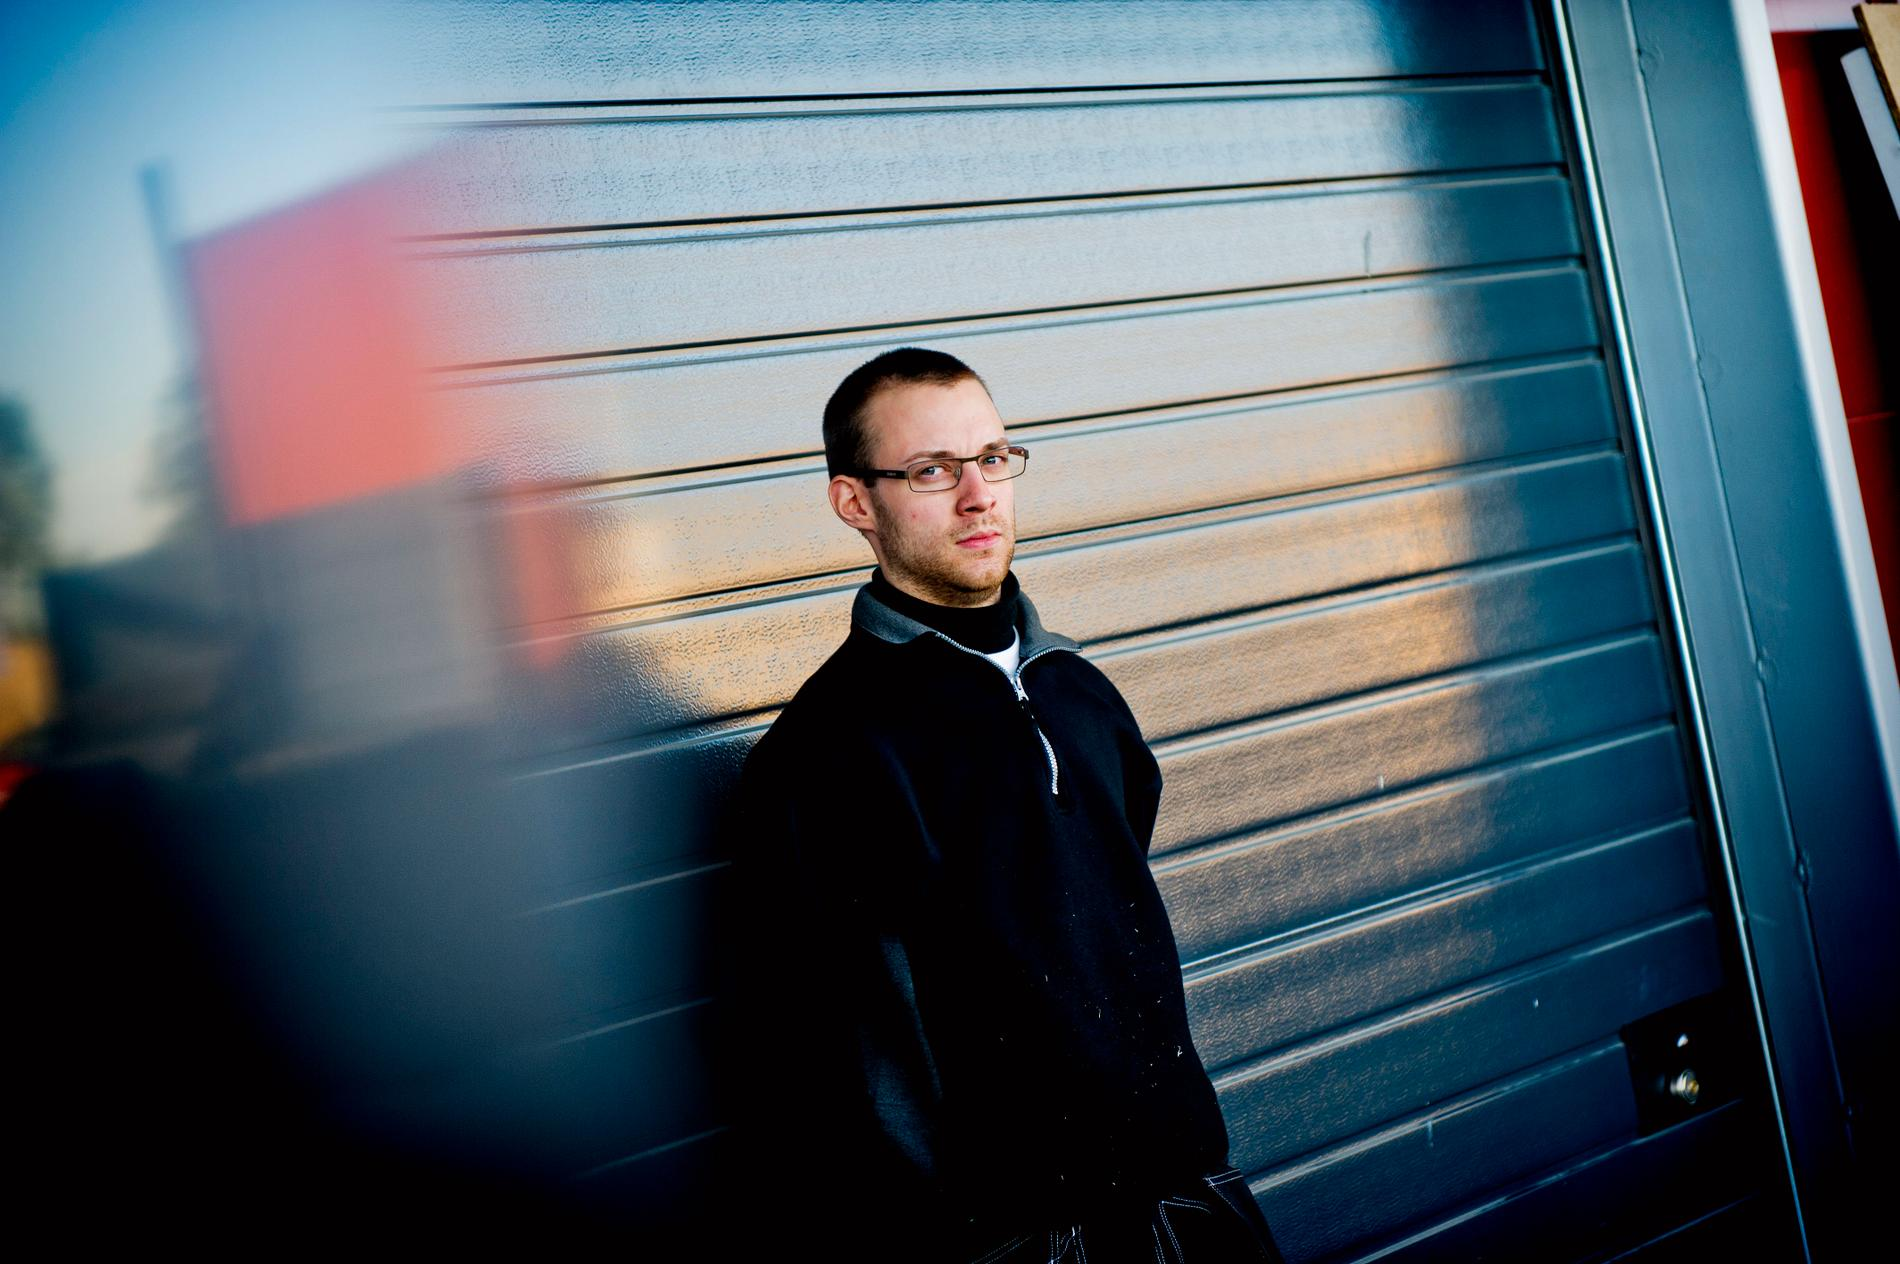 Martin Hultqvist blev av med 15 000 kronor från sitt konto. Någon hade tagit sig in och fört över pengarna till en före detta kriminell person. Men banken vägrar ersätta Martin.